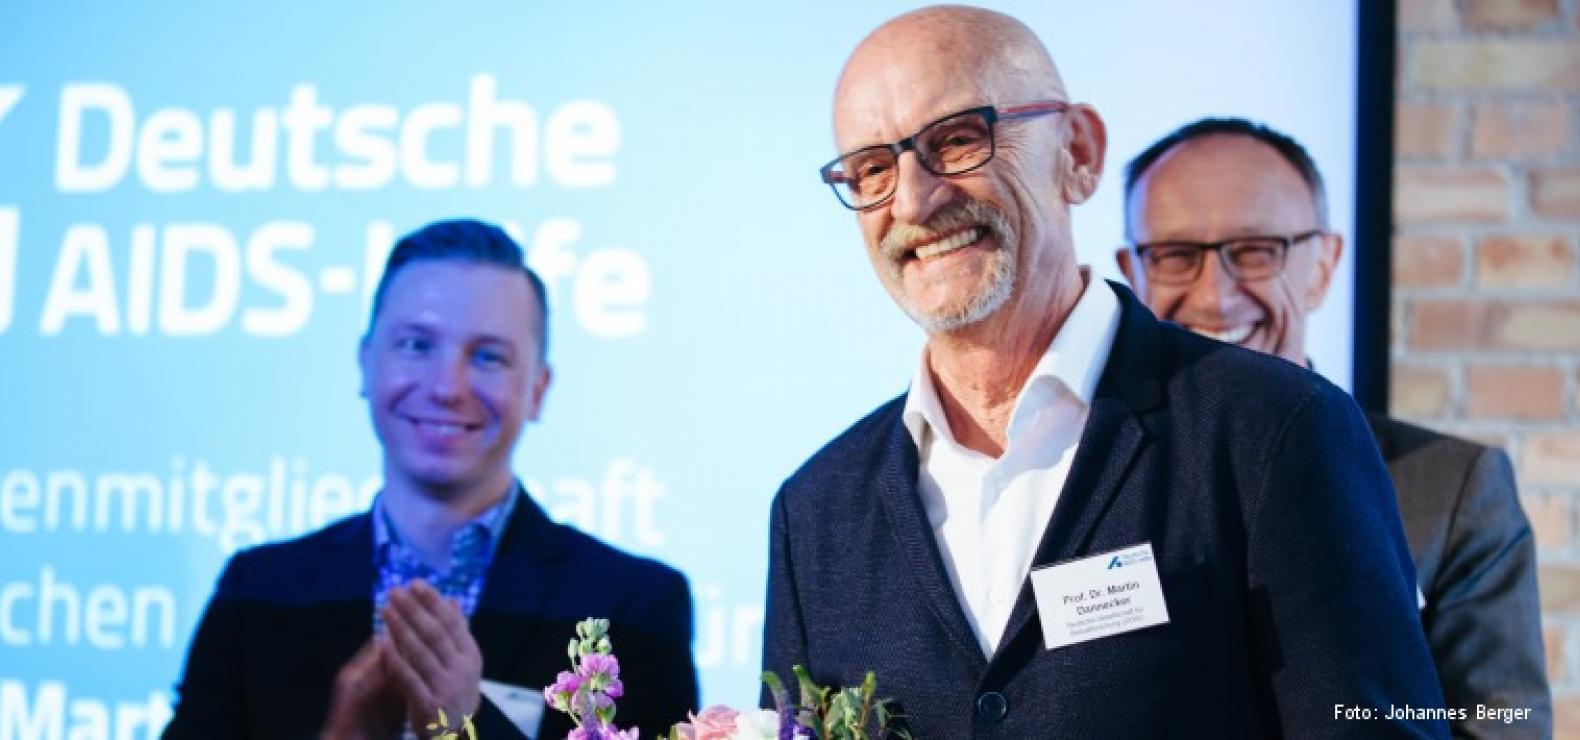 Im Vordergrund: ein lächelnder älterer Mann mit Glatze und dunkler Brille im Anzug, im Hintergrund zwei weitere lächelnde, applaudierende Männer im Anzug